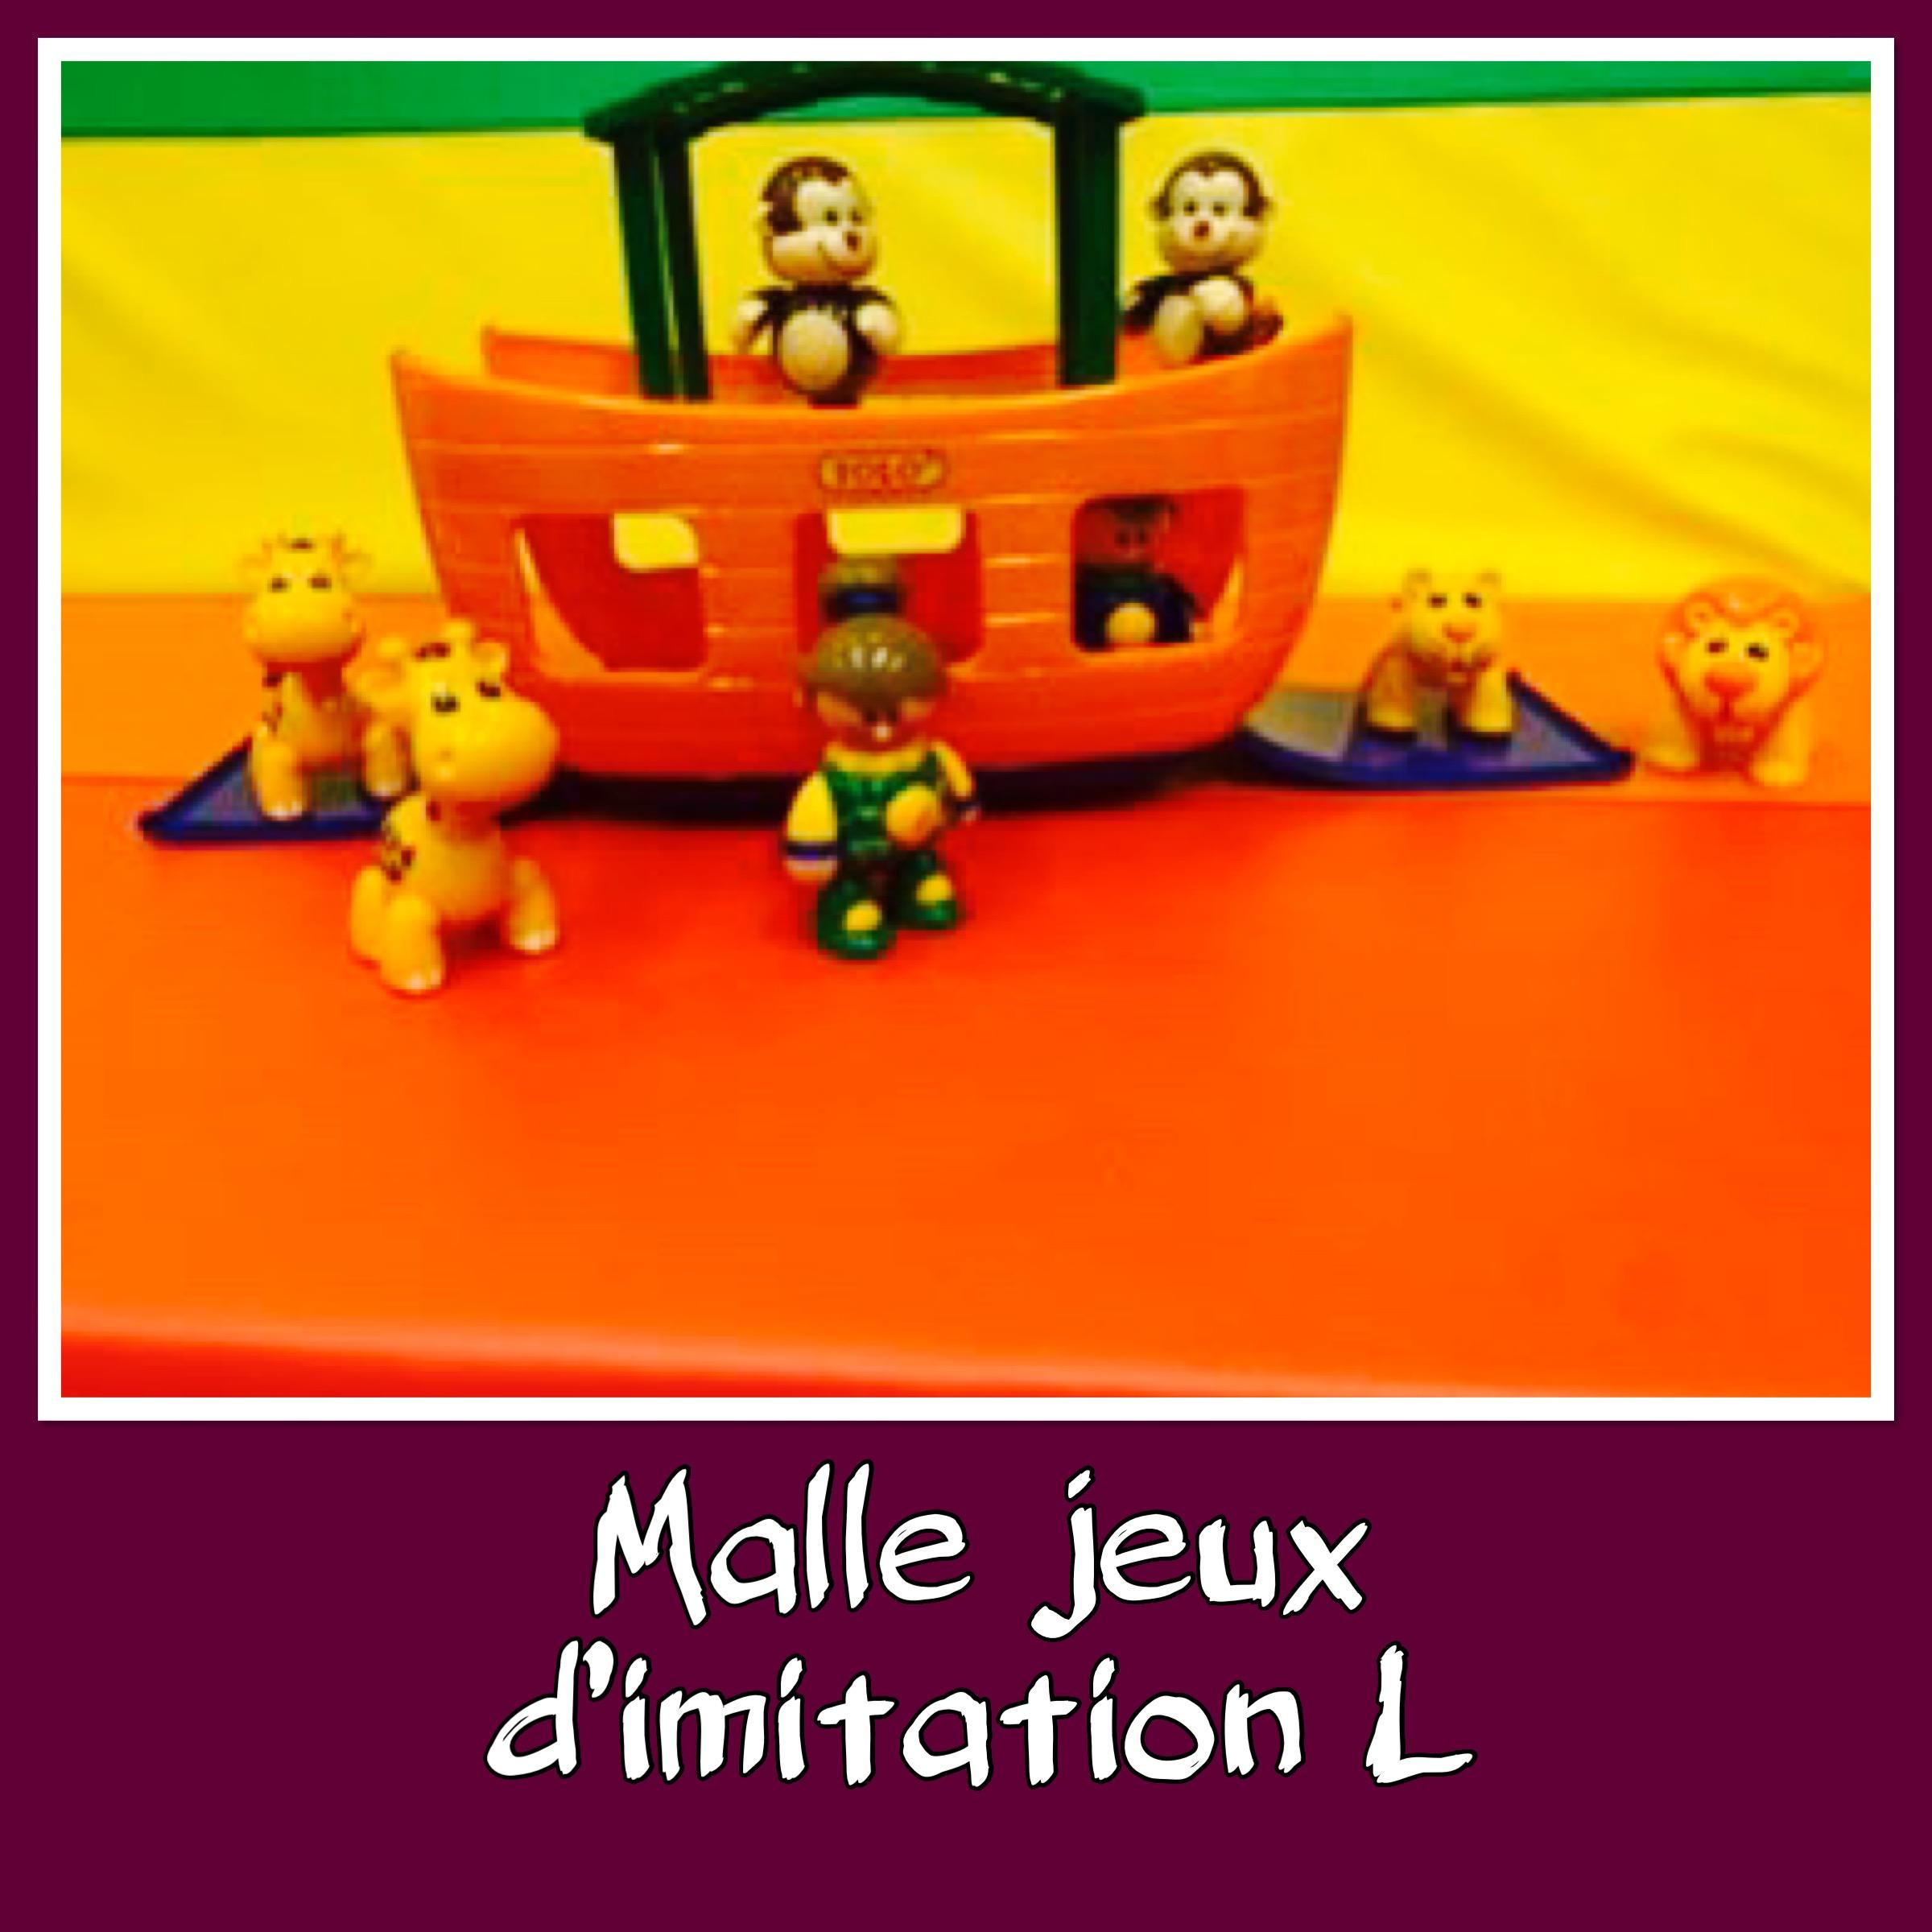 Malle imitation 2